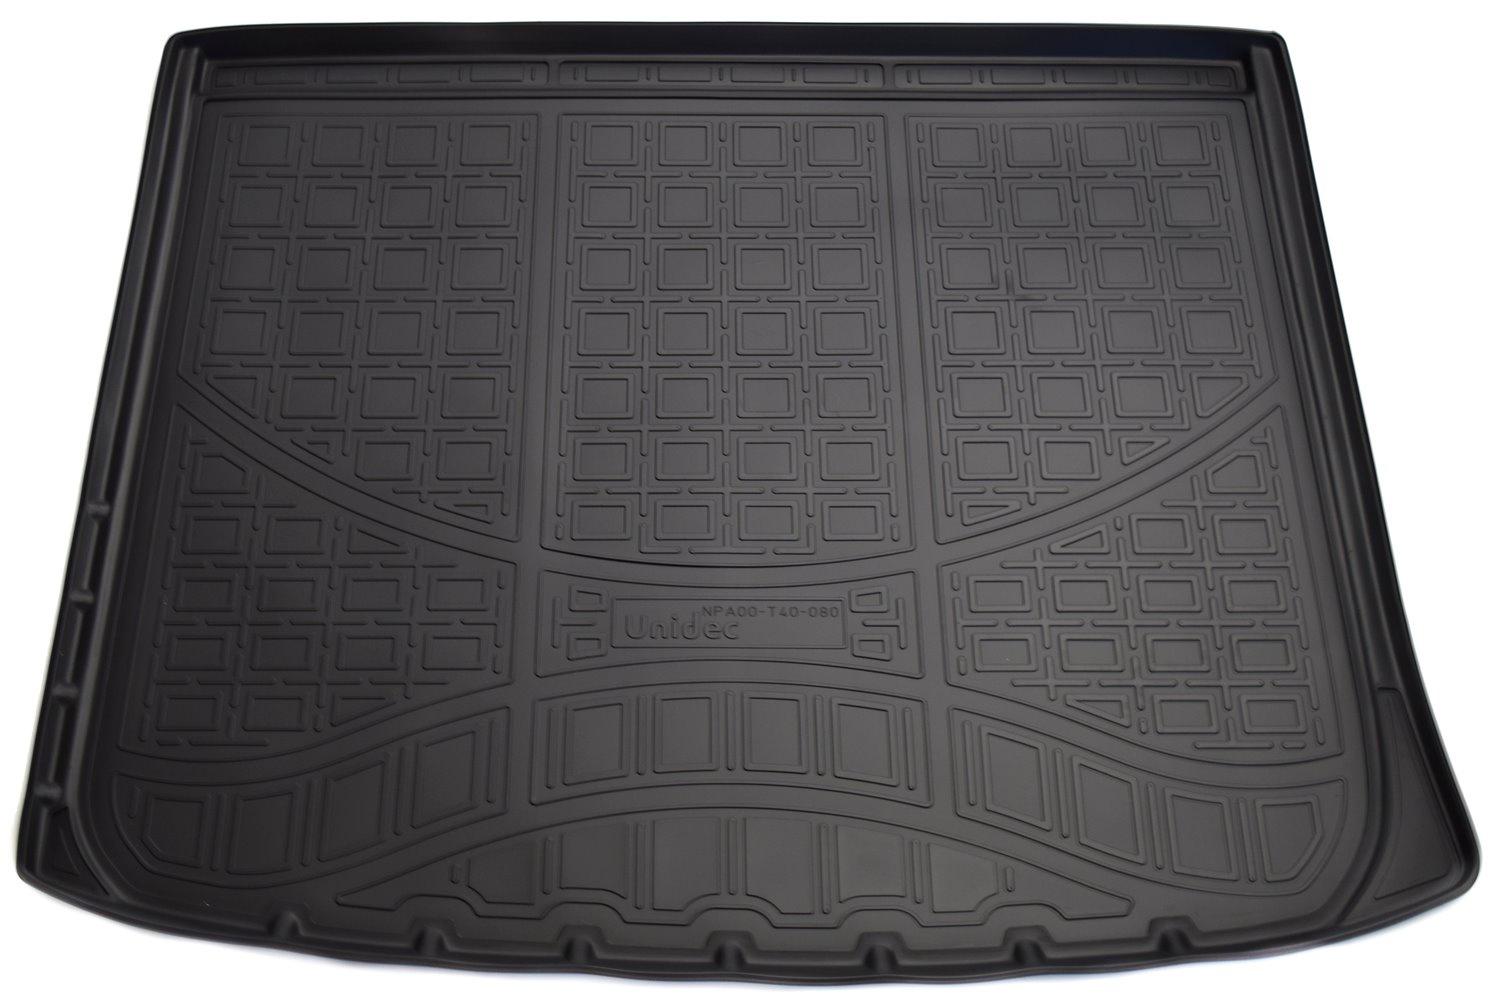 Коврик багажника Norplast для Jeep Cherokee 2013, NPA00-T40-080, черный коврик багажника norplast для jeep grand cherokee wk 2010 npa00 t40 100 b бежевый